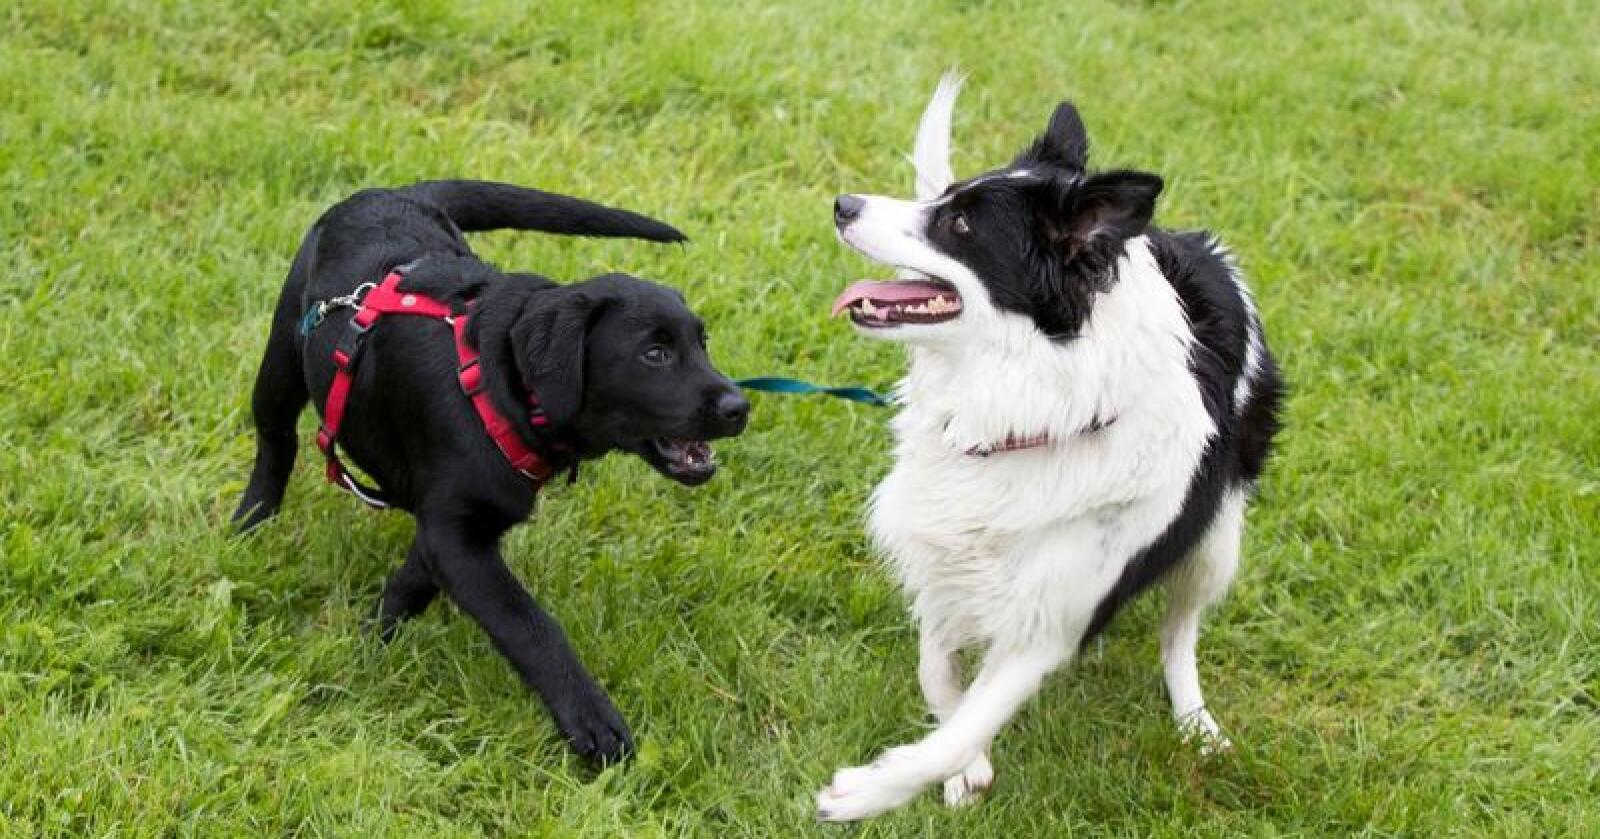 Hundesykdommen i Norge har skapt bekymring blant hundeeiere. Nå innføres det et nytt helseregister for dyr. Foto: Terje Pedersen / NTB scanpix